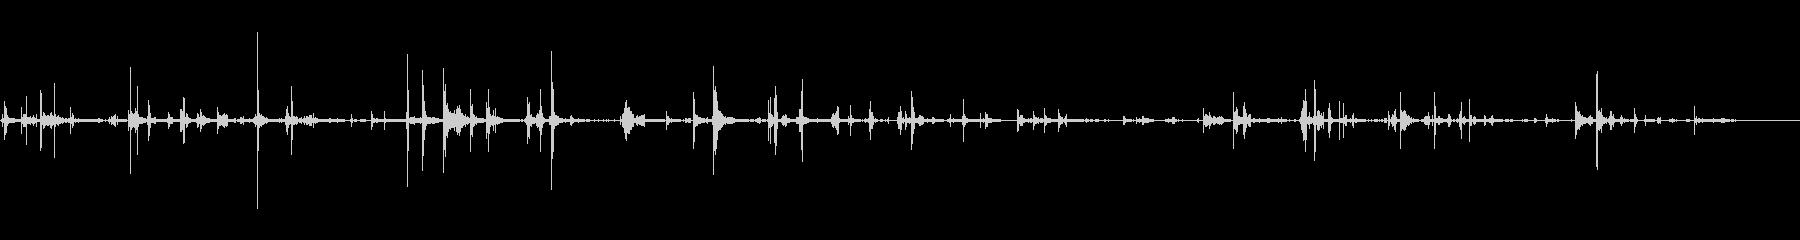 スニーカーのきしみ;プレイ中1の未再生の波形